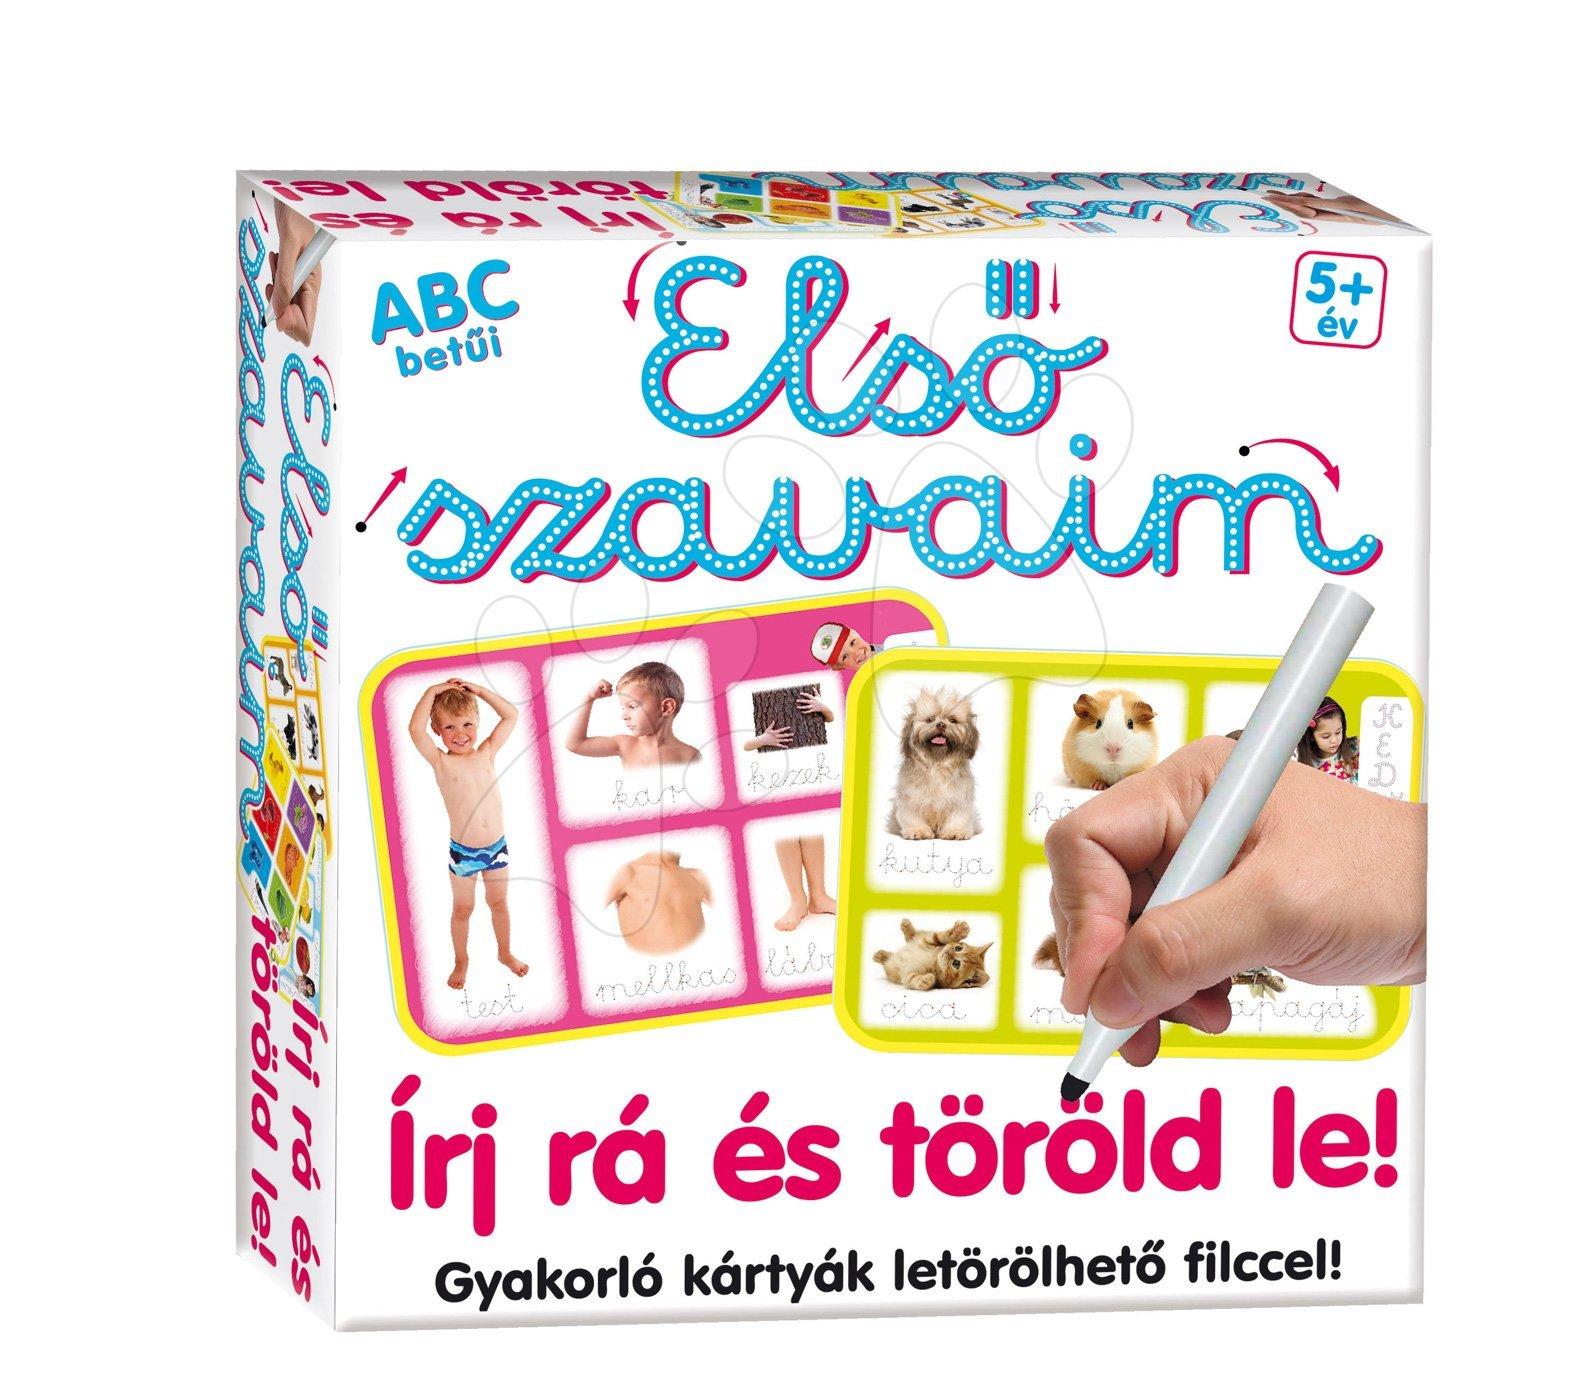 Náučná hra Slová ABC Napíš a zmaž Dohány (jazykové verzie SK, CZ, HU, RO) od 5 rokov